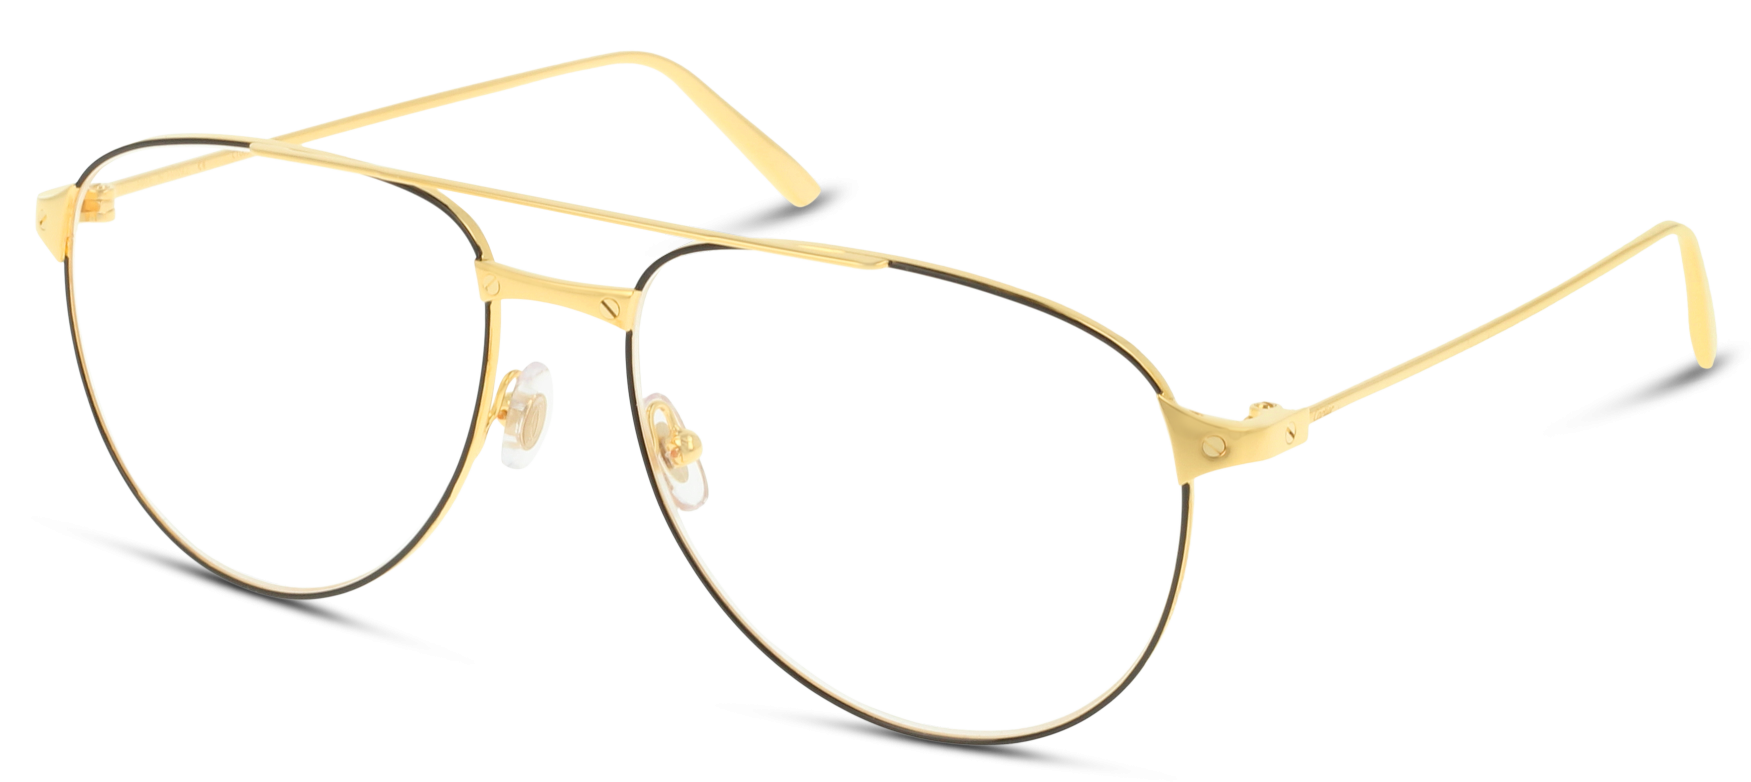 d48b1a6c9f ... ya que permite ver las distancias de lejos, intermedio y cerca en un  solo lente. Olvídate de andar con un anteojo para cerca y otro para lejos.